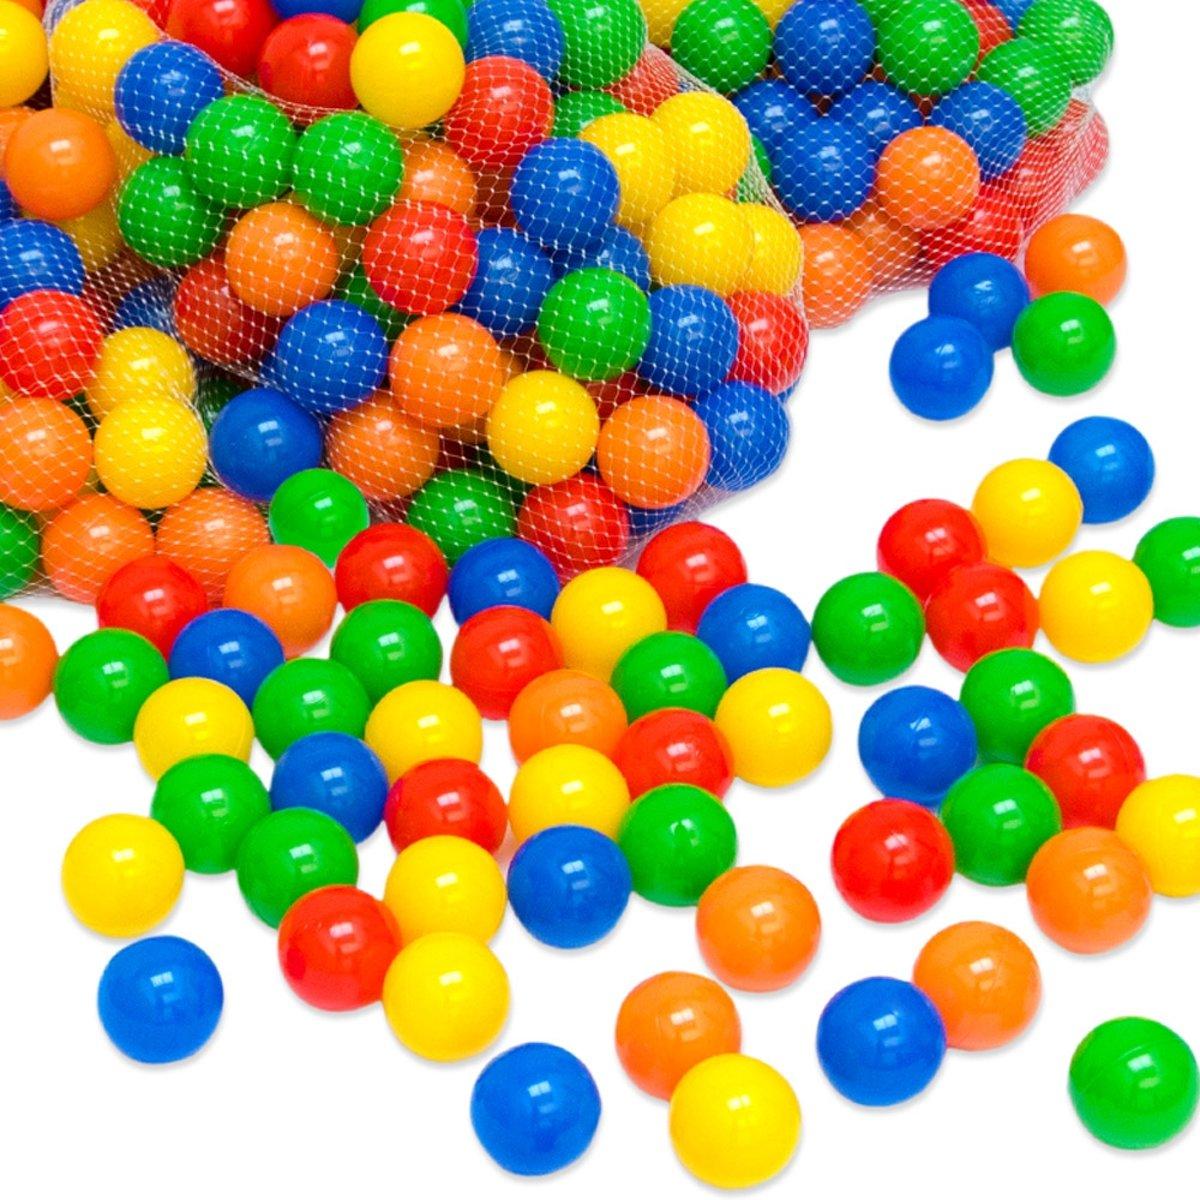 Balbadballen 1 x 50 ballen 5,5cm diameter